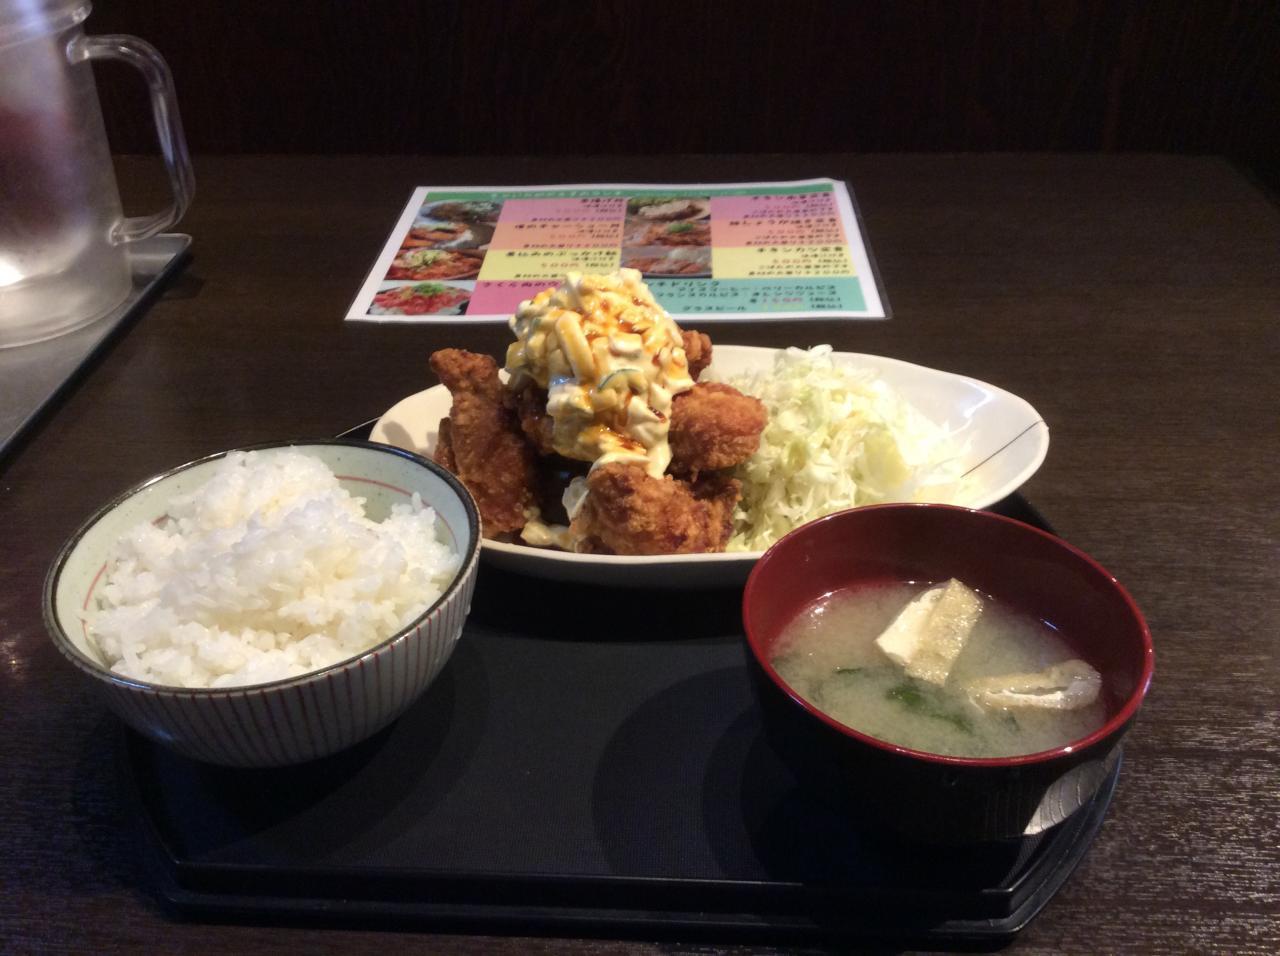 ちゃい九炉 八重洲店(チキン南蛮定食大盛り)